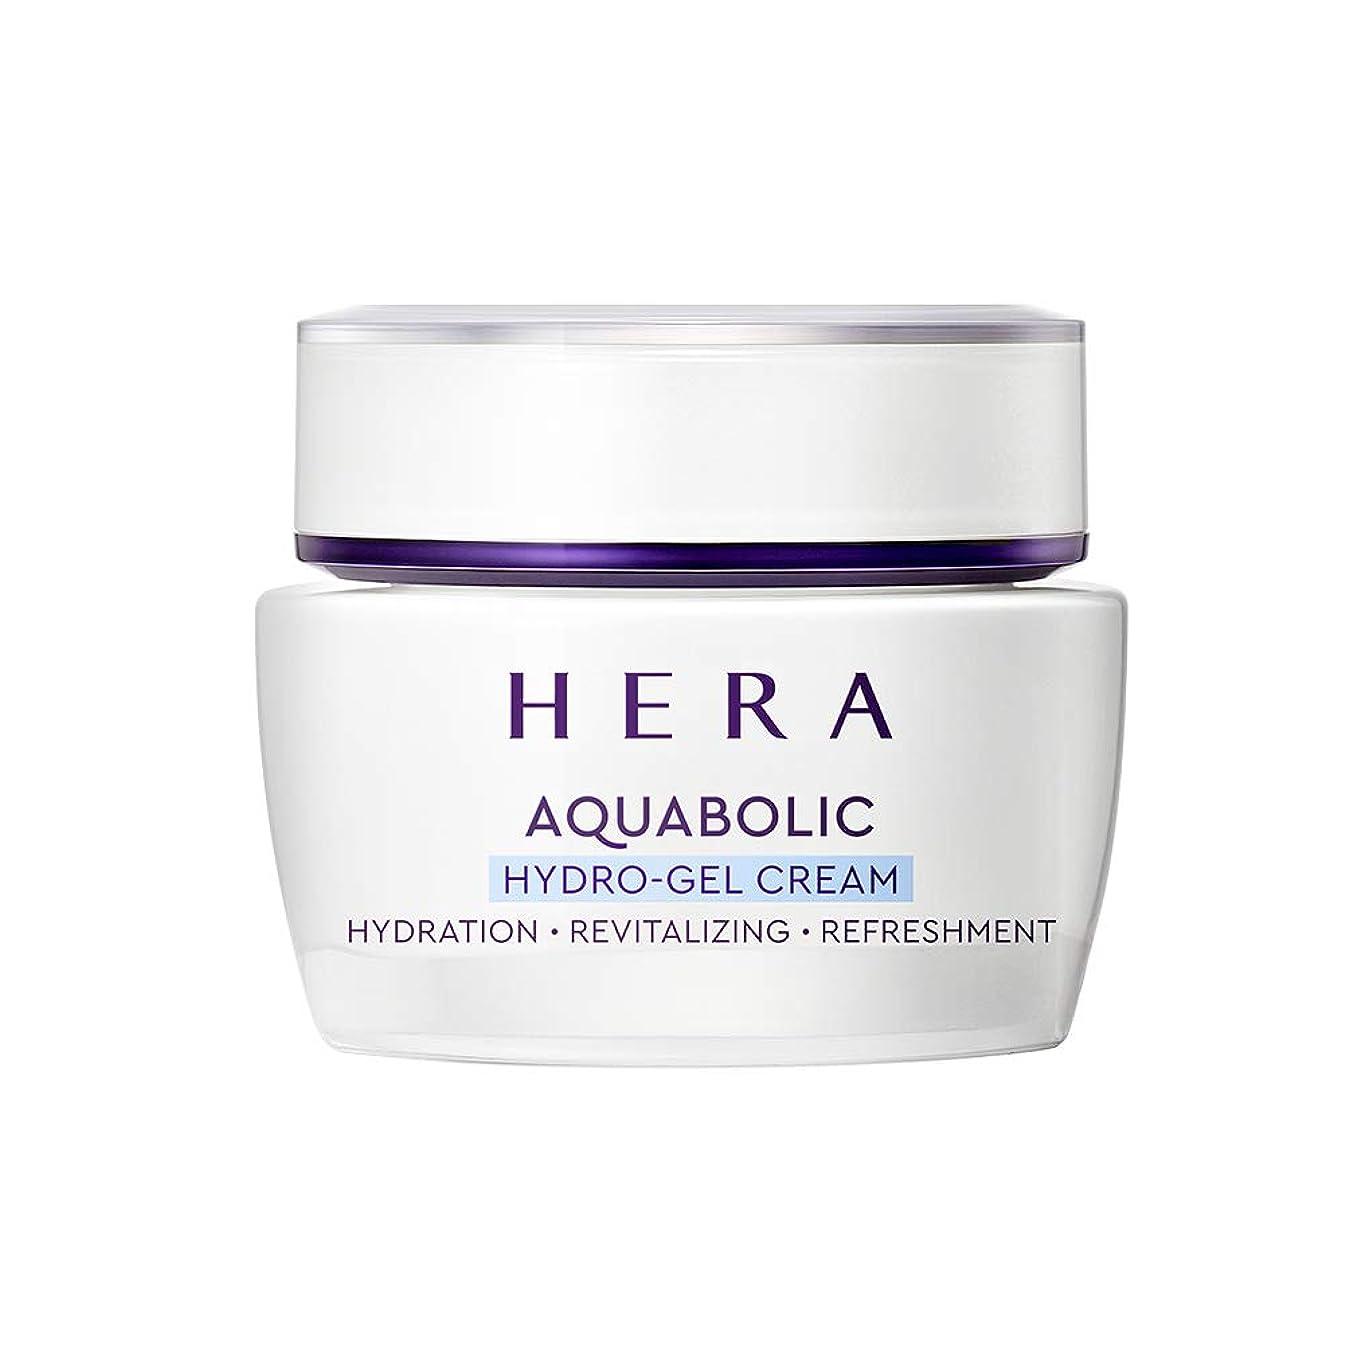 器官簡潔なナチュラル【HERA公式】ヘラ アクアボリック ハイドロ-ジェル クリーム 50mL/HERA Aquabolic Hydro-gel Cream 50mL